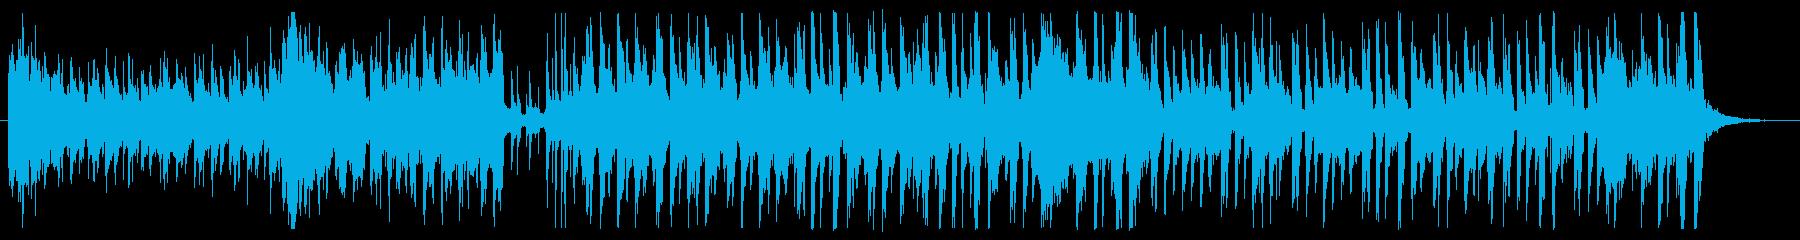 夏 爽やか ハウス 60秒版の再生済みの波形